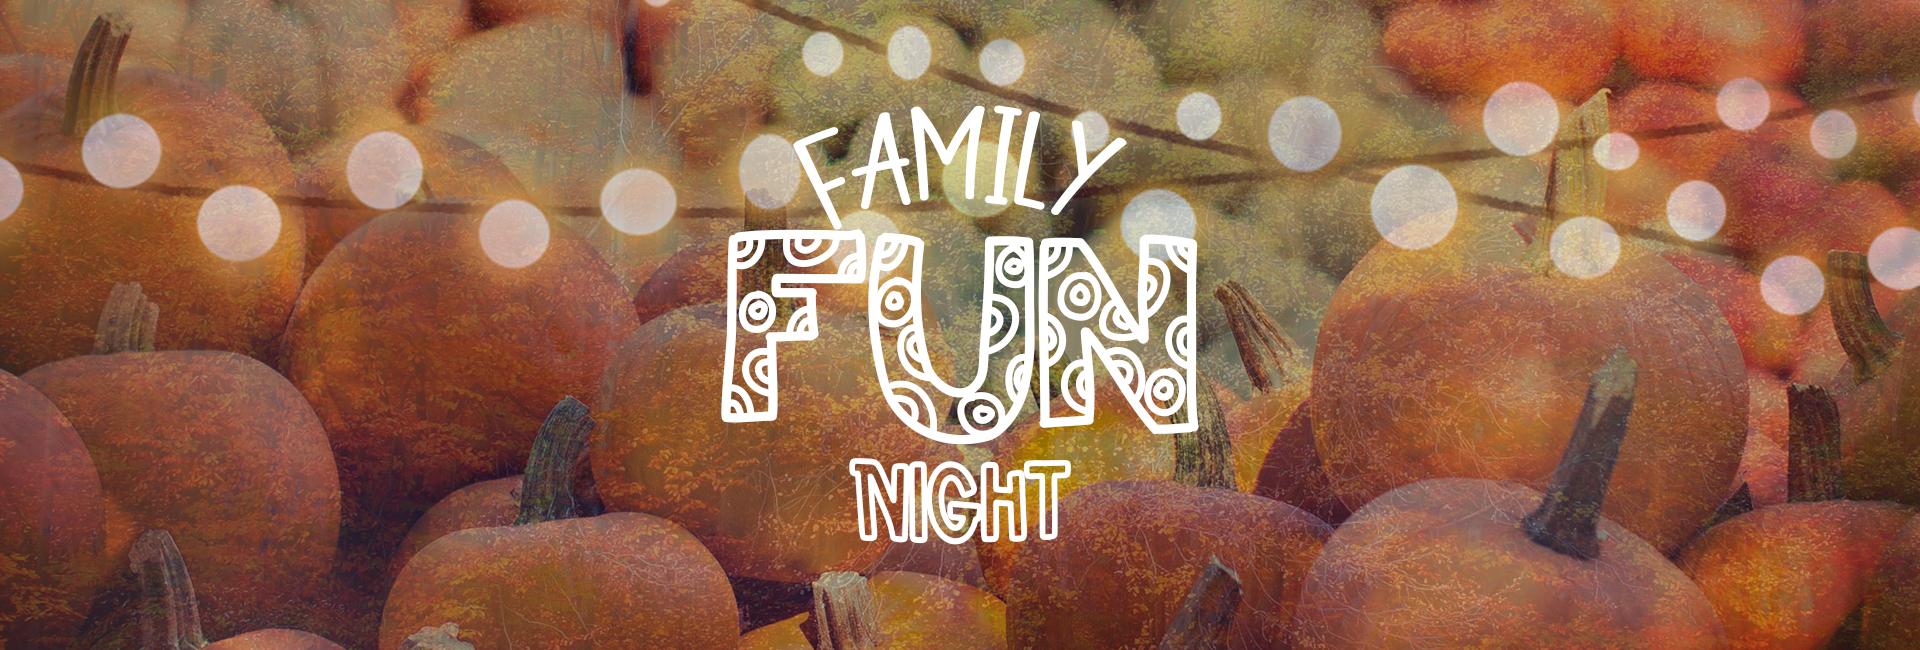 familyfunweb